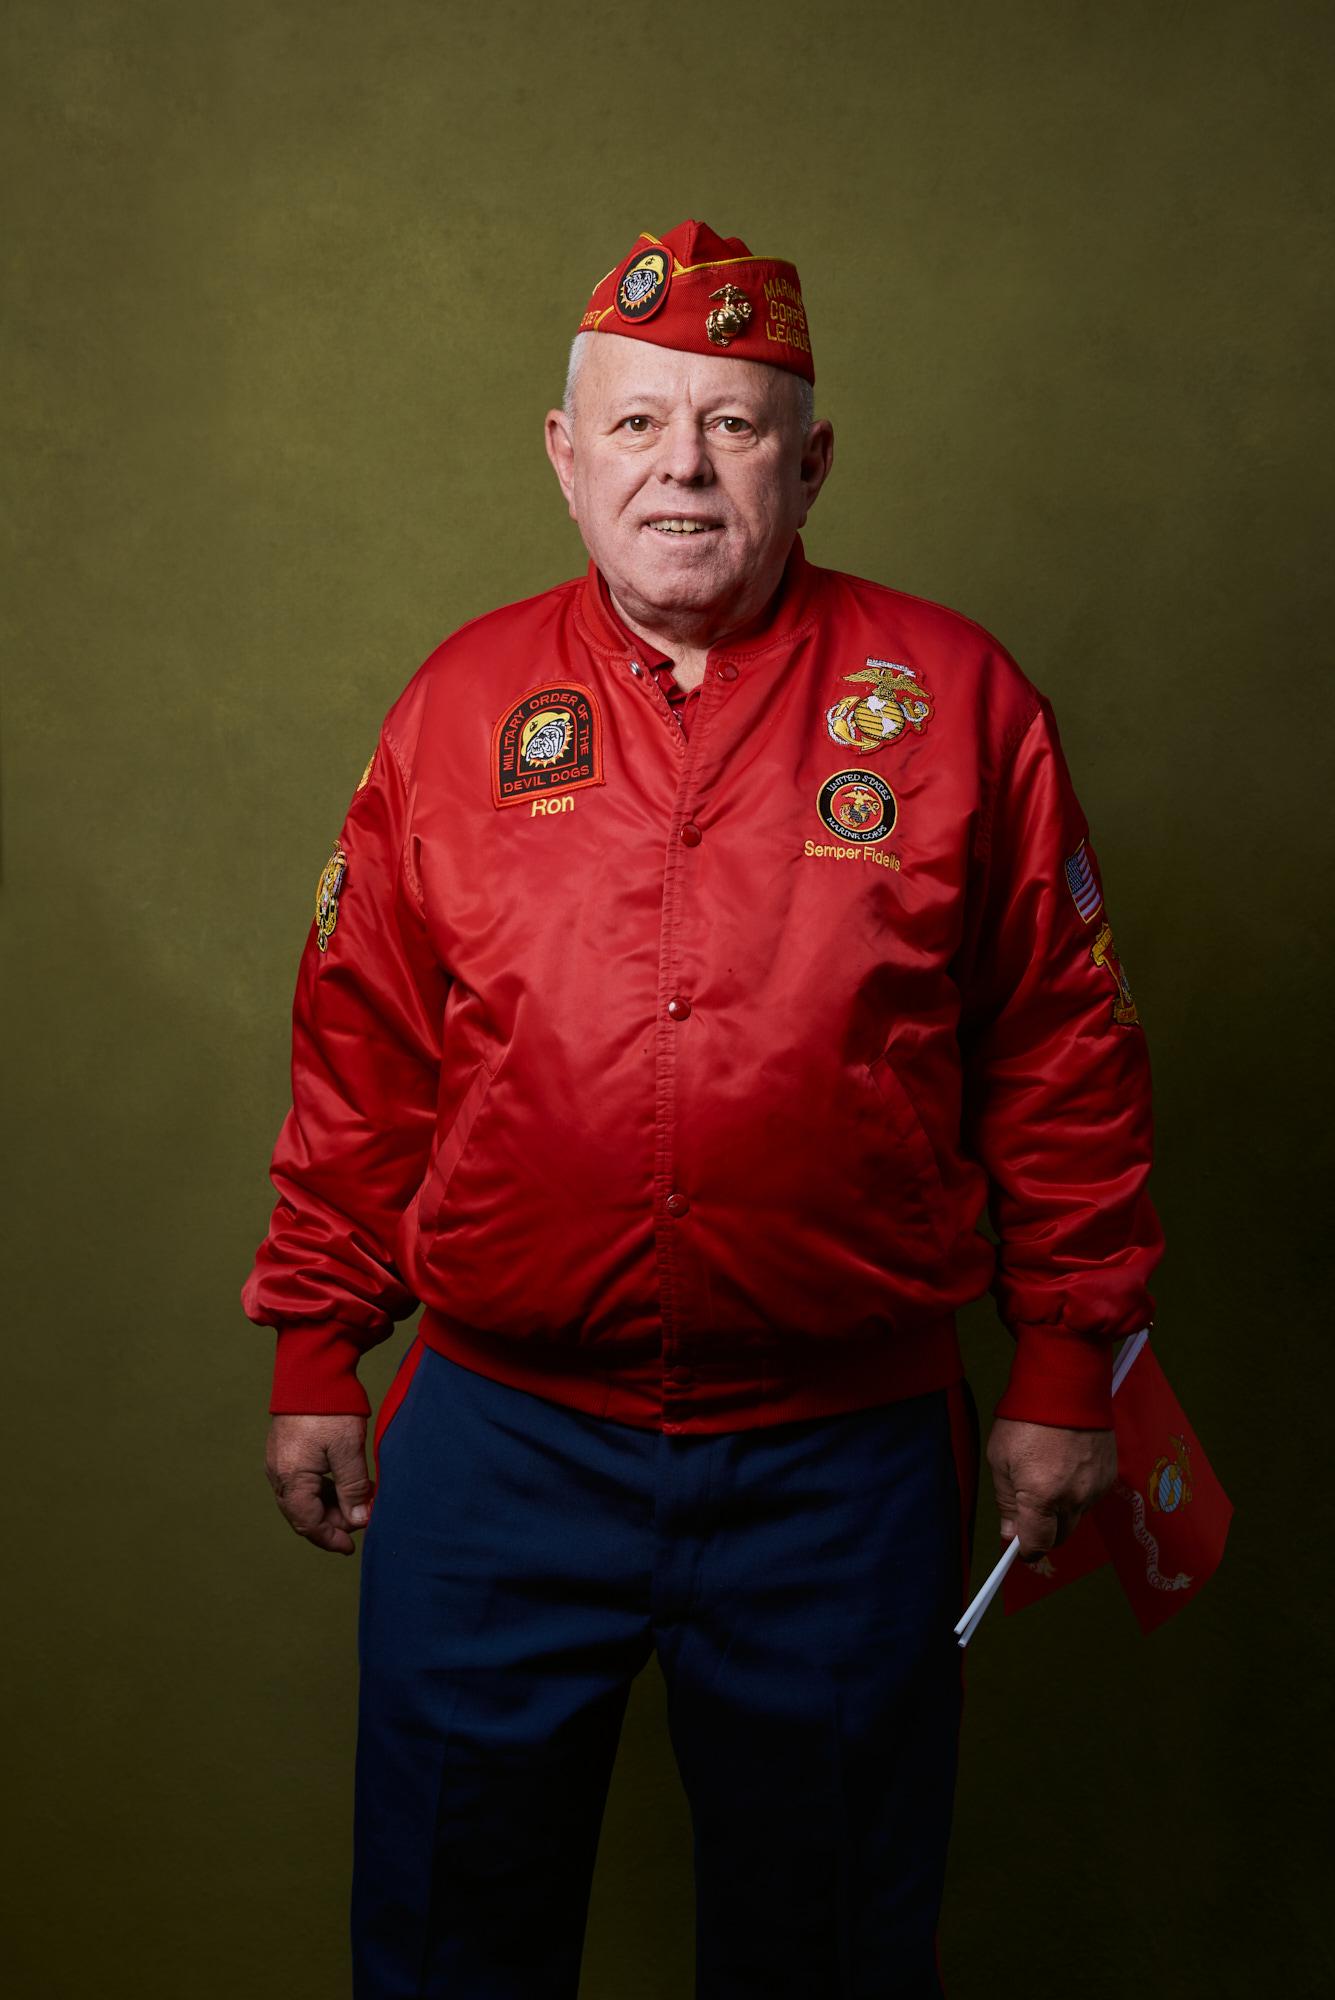 Lance Corporal Ronald Steiner